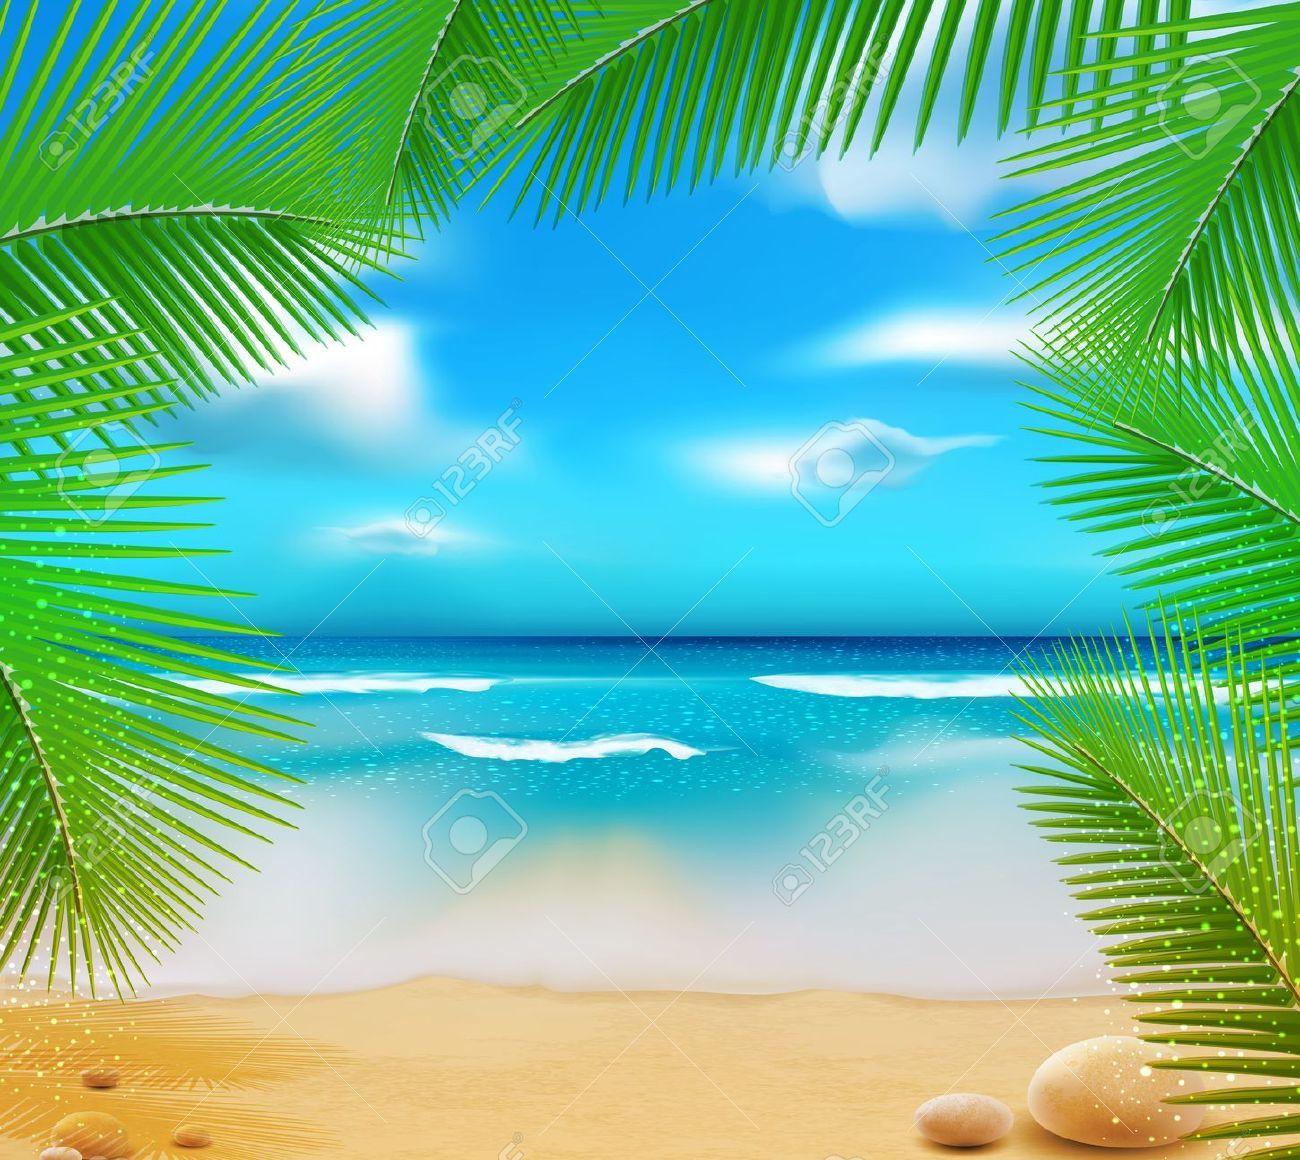 12866897-paisaje-con-un-mar-de-color-azul-celeste-arena-dorada-y ...